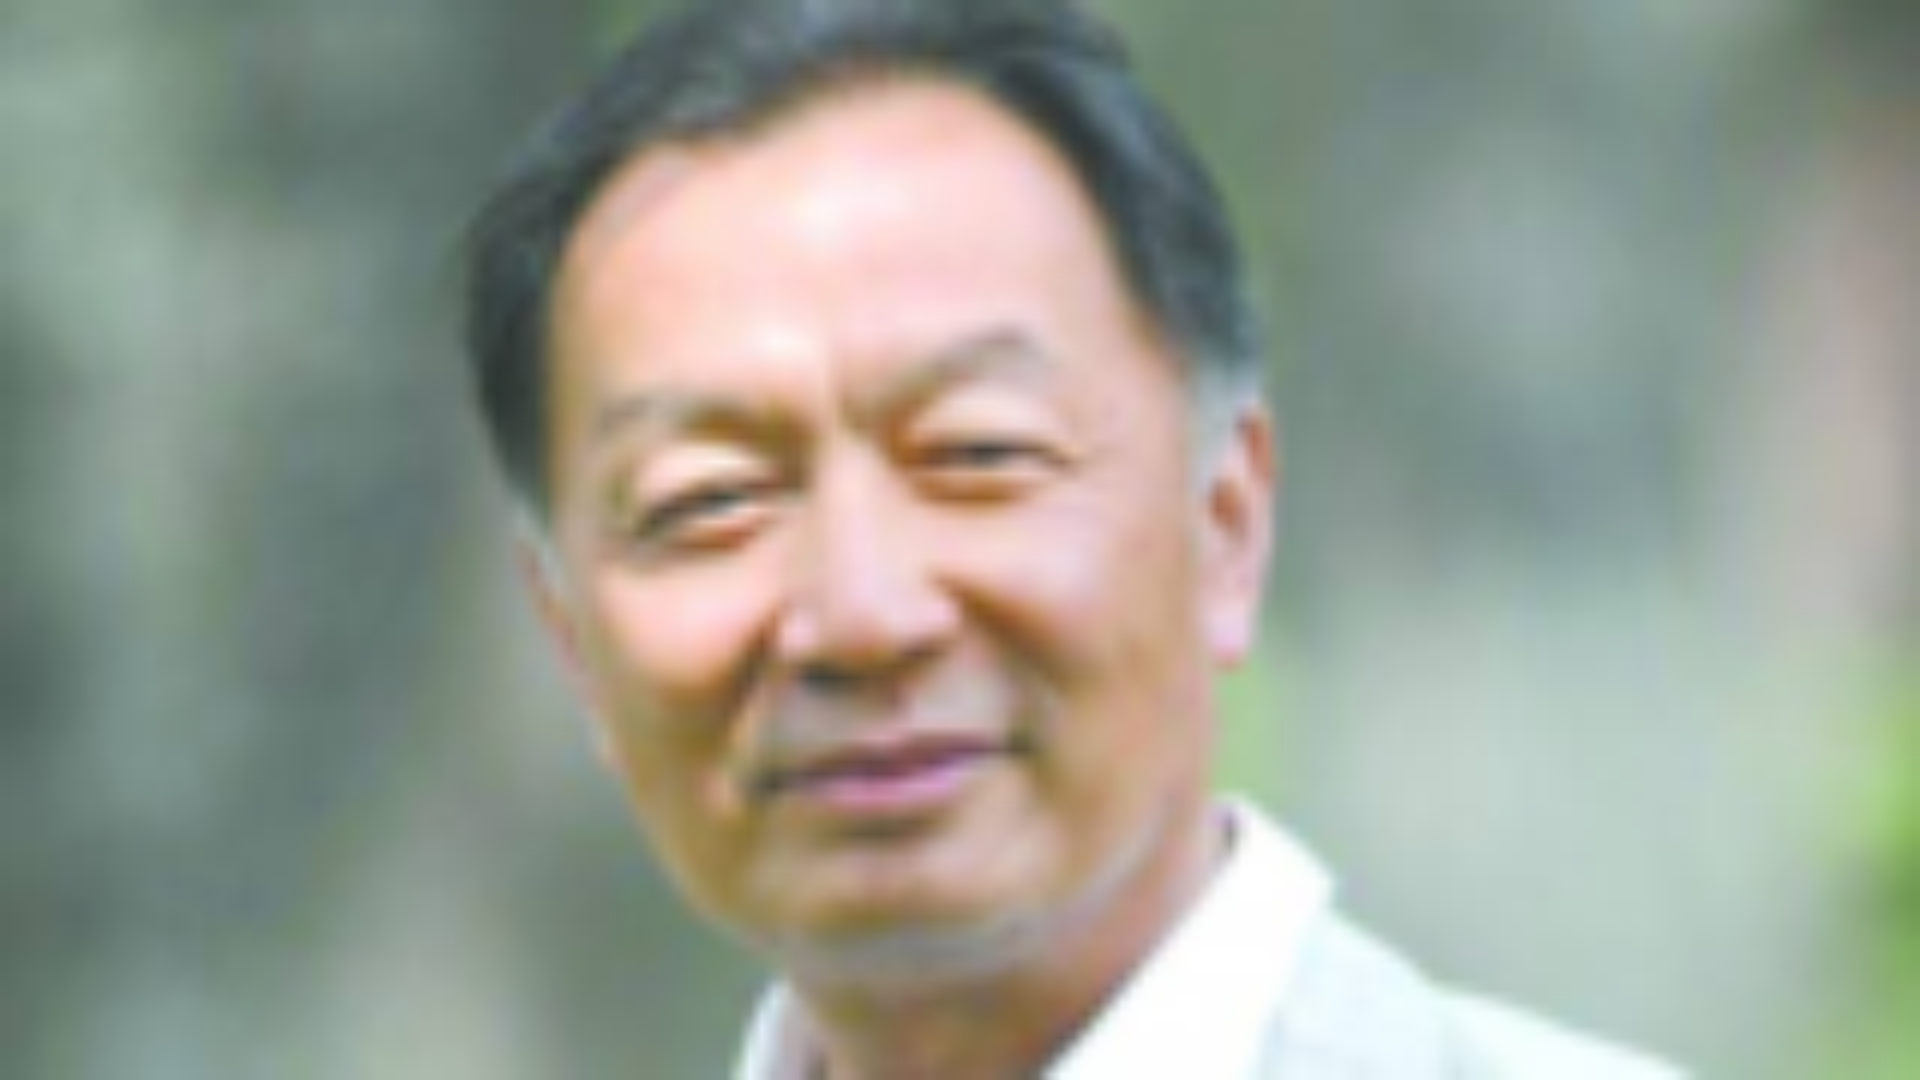 [公开课】【温铁军讲课大合集_17、生态文明与社会进步(3)】